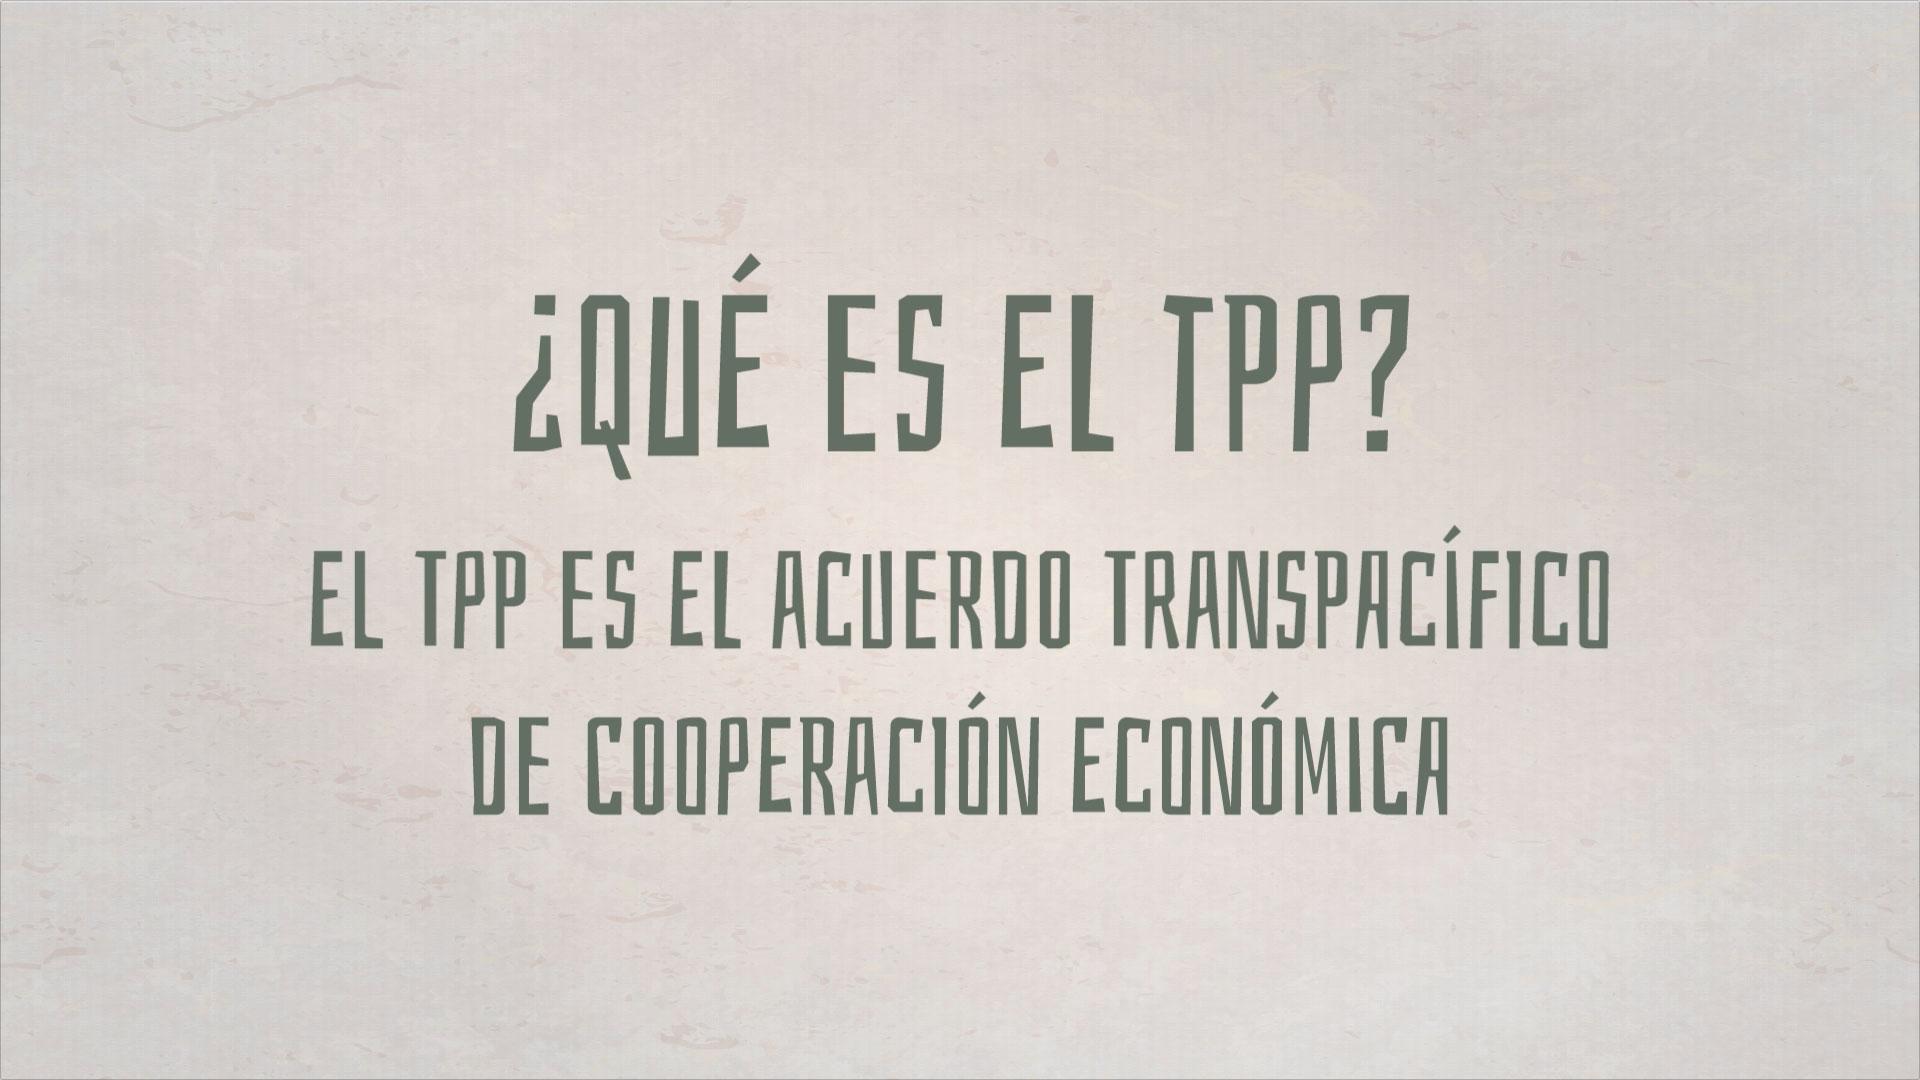 portada-acuerdo-transpacifico-paraguay